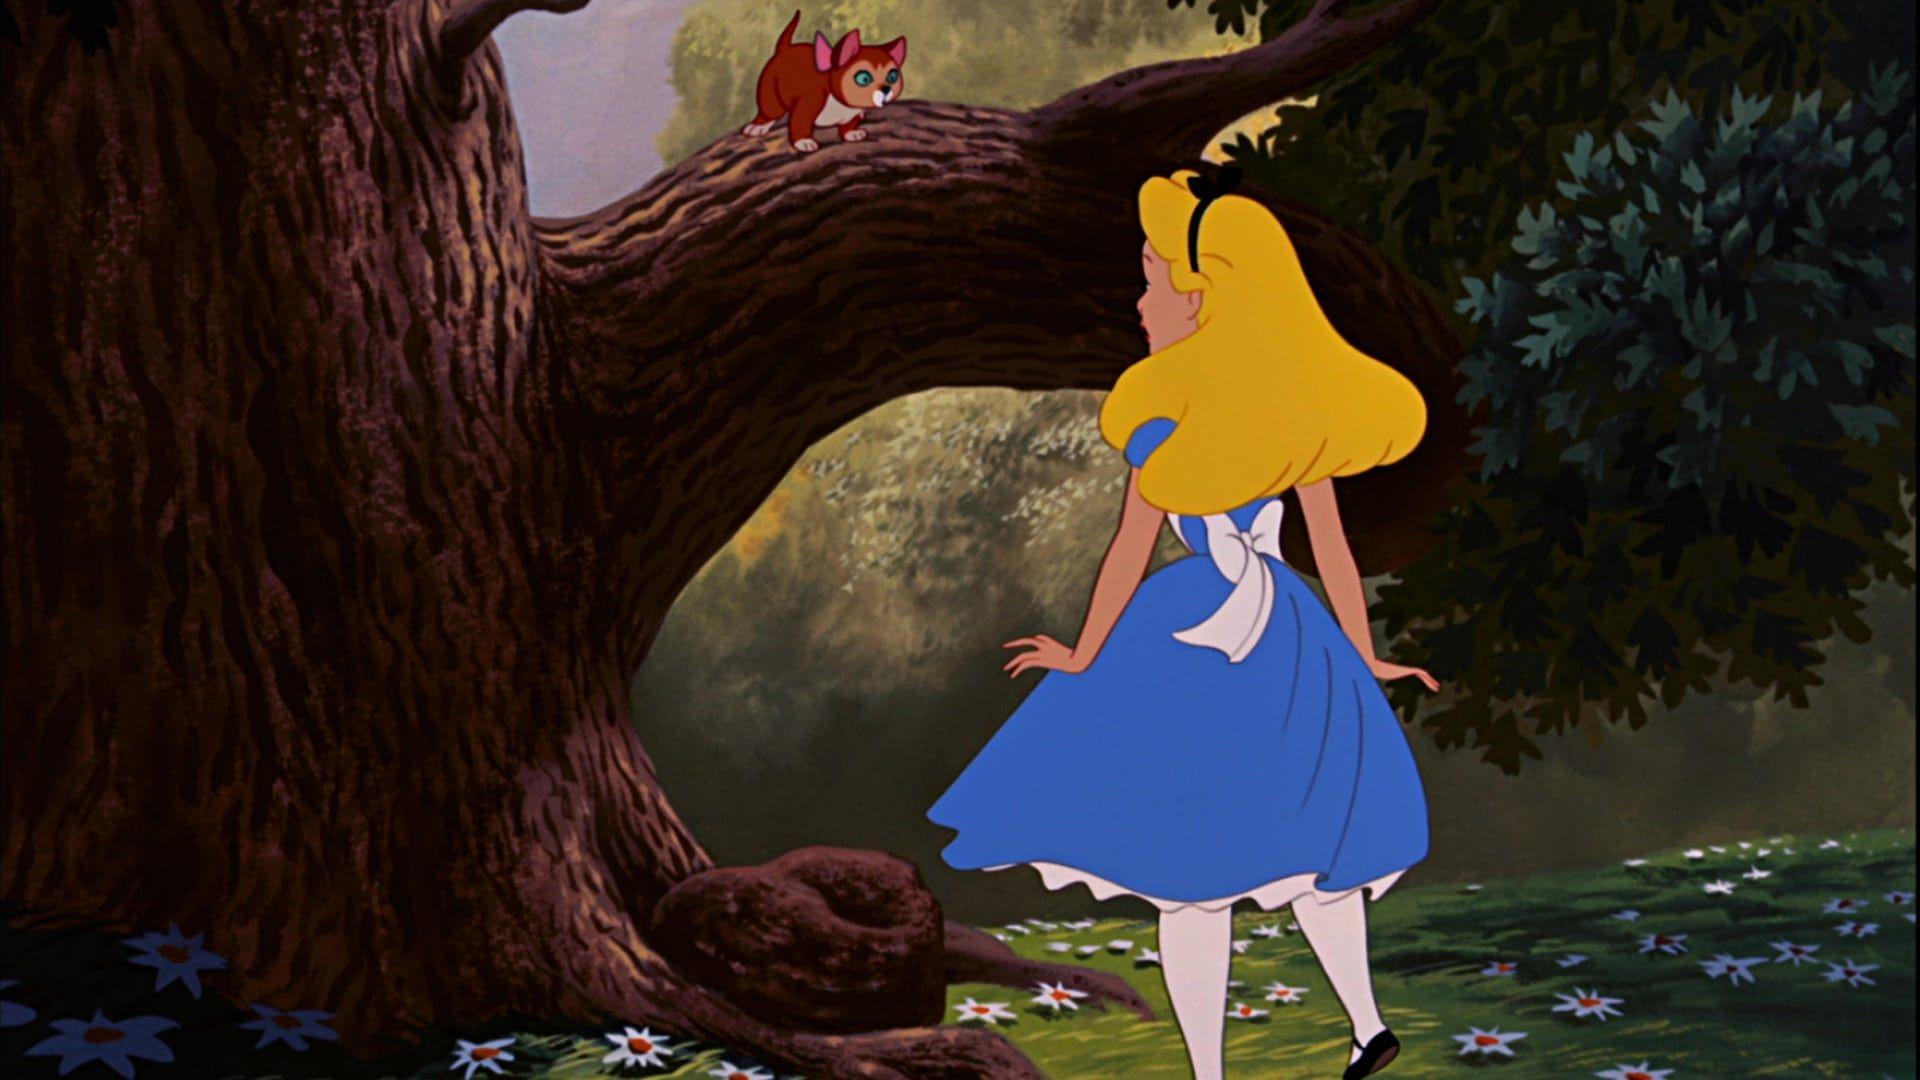 Alice Im Wunderland 1951 Ganzer Film Deutsch Komplett Kino Alice Lauft Dem Weissen Kan Alice In Wonderland Alice In Wonderland 1951 Alice In Wonderland Original